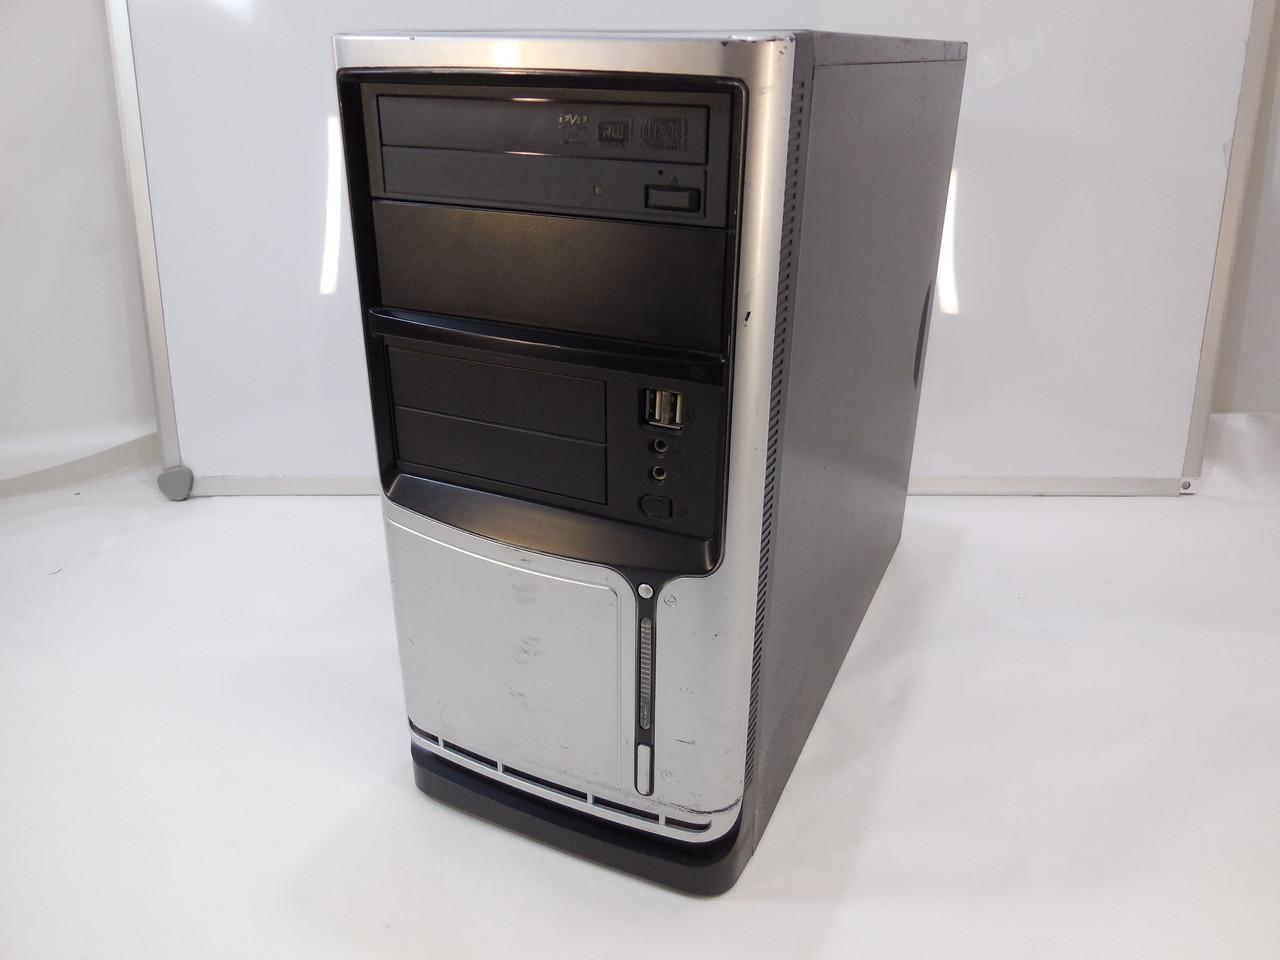 Системный блок, компьютер, Intel Core i3 3220, 4 ядра по 3,3 ГГц, 4 Гб ОЗУ DDR-3, SSD 240 Гб